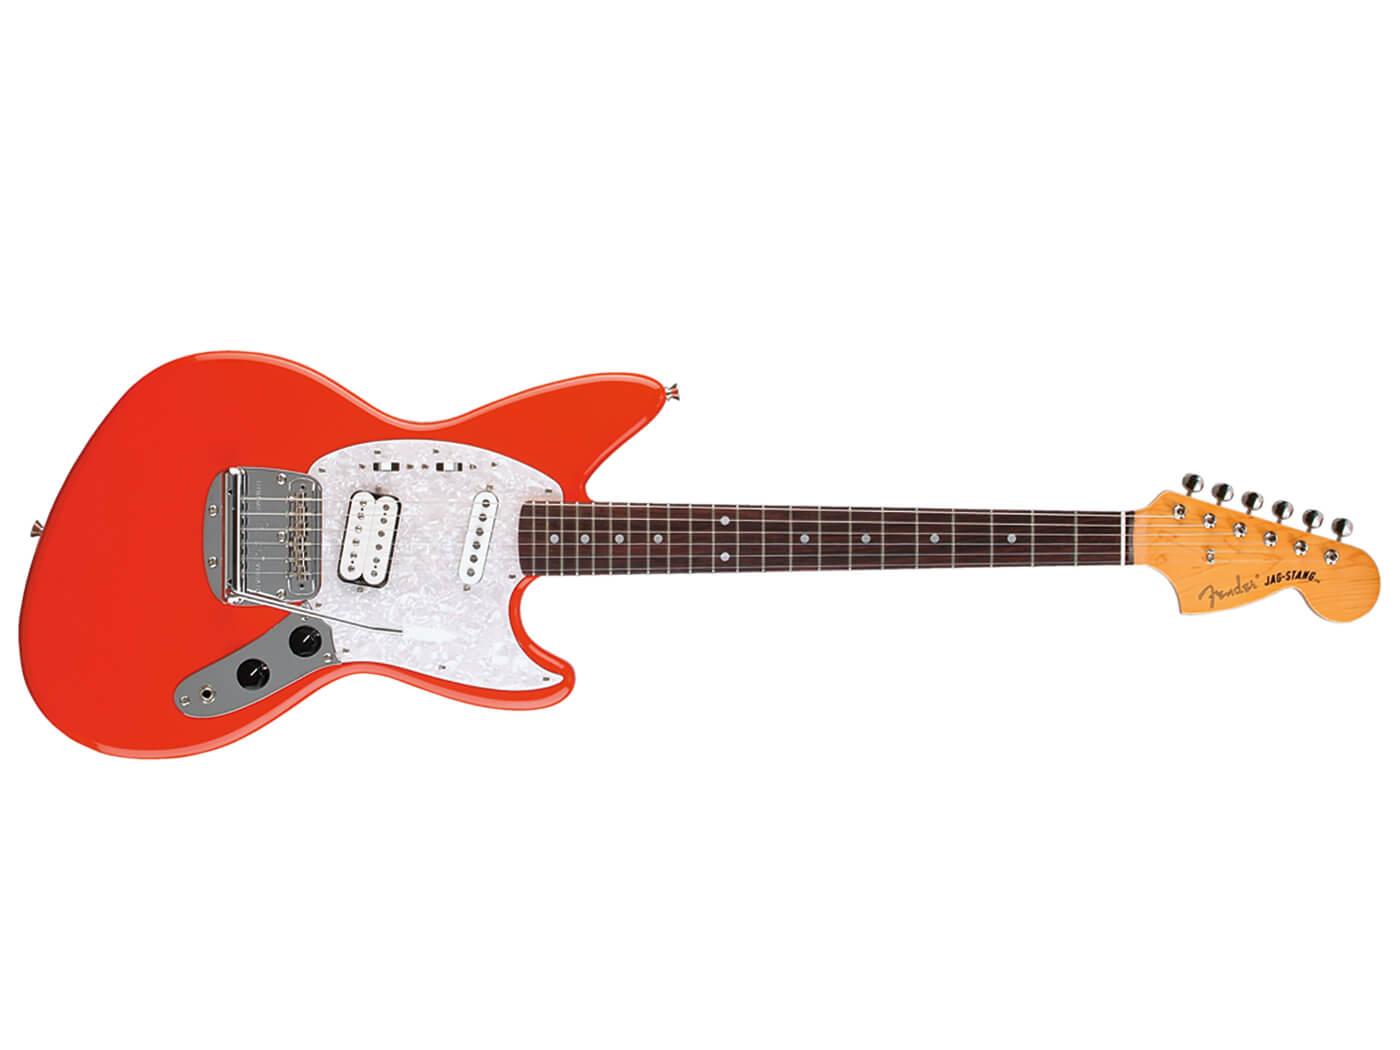 Fender Jagstang